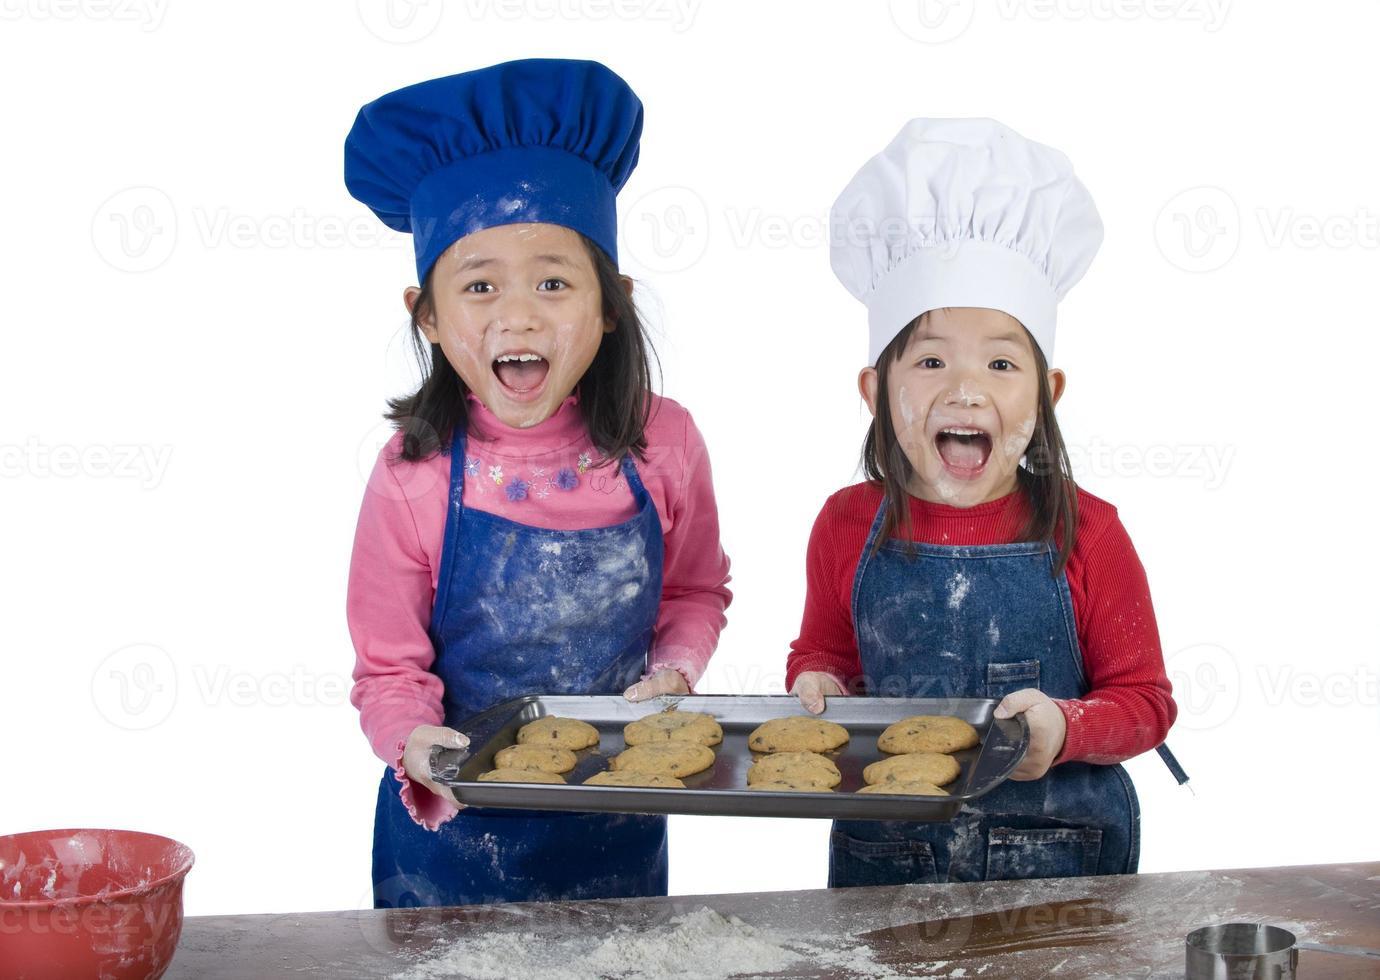 barn matlagning foto